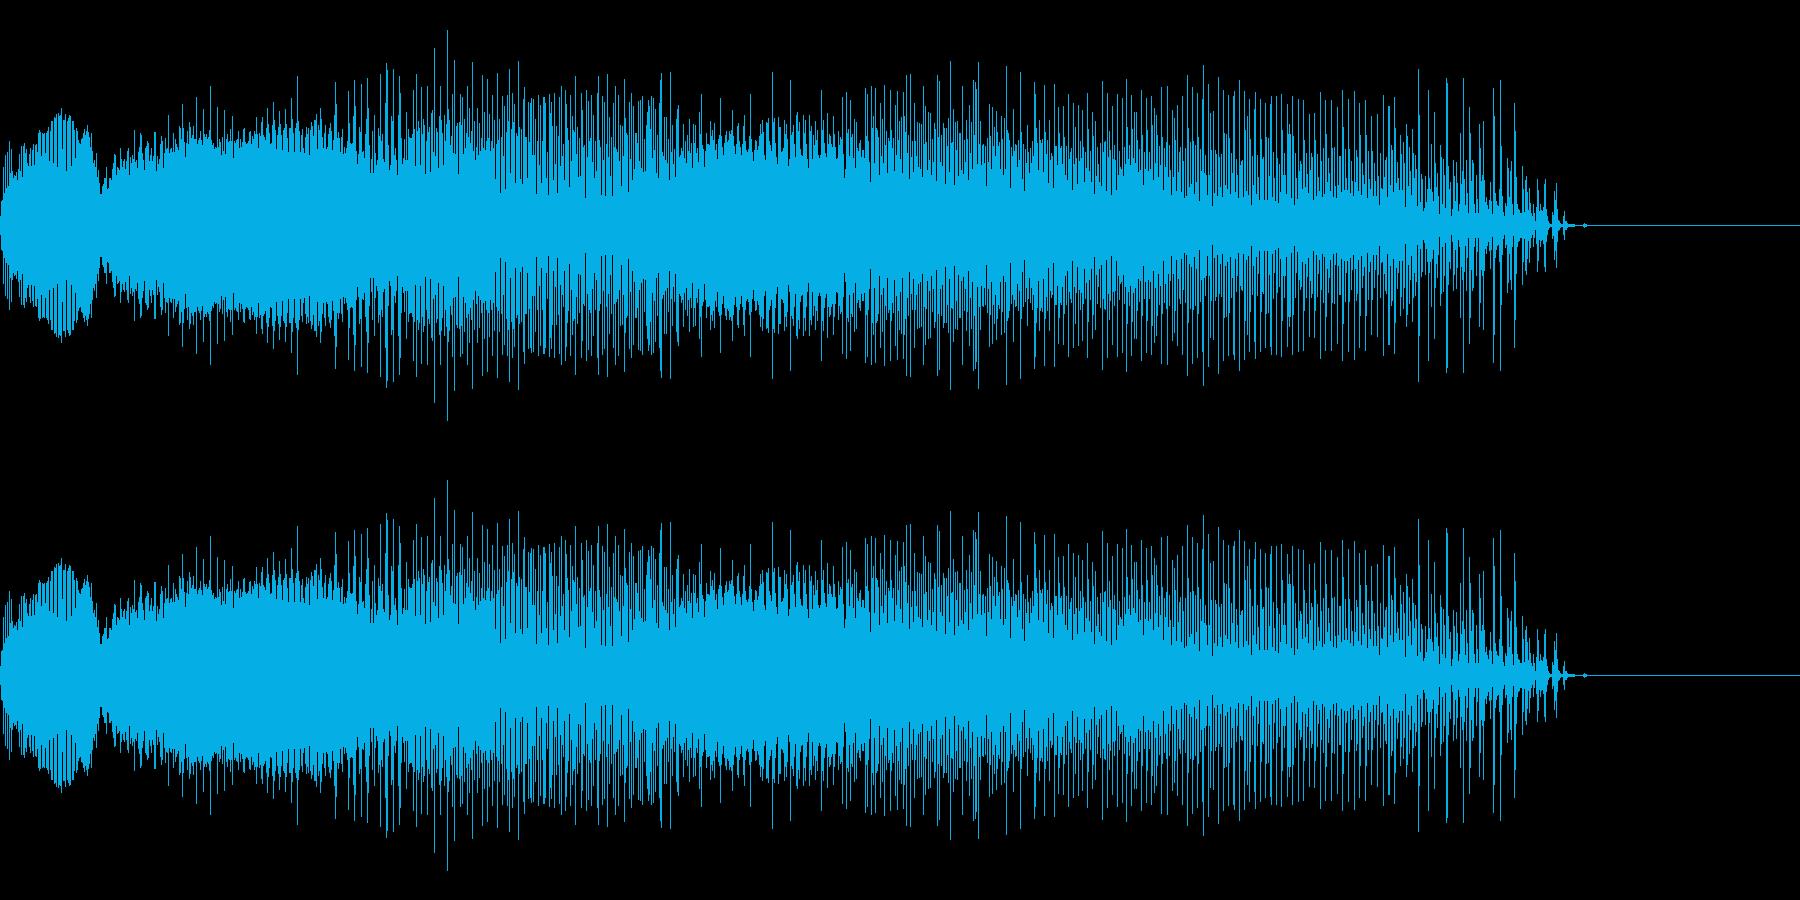 うわああああ(戦闘不能時02・長め)の再生済みの波形